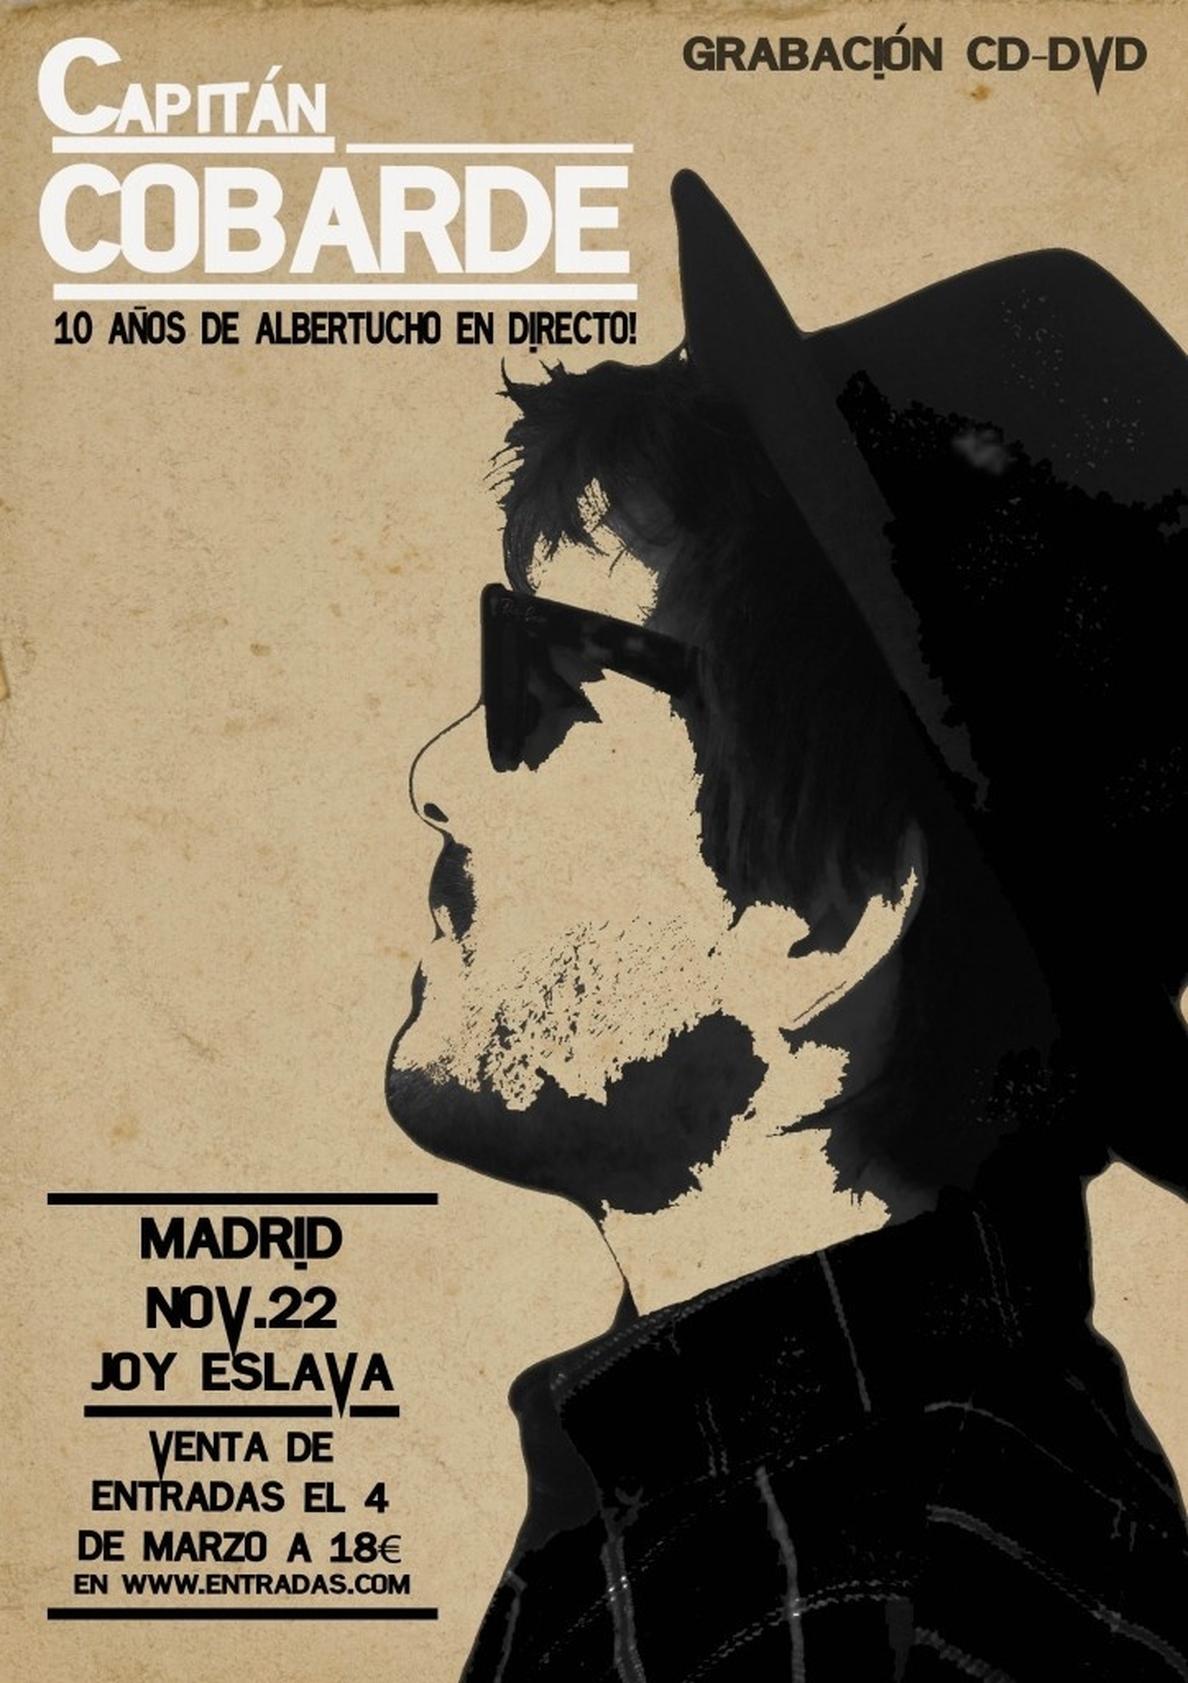 Albertucho grabará un álbum en directo en la sala Joy Eslava